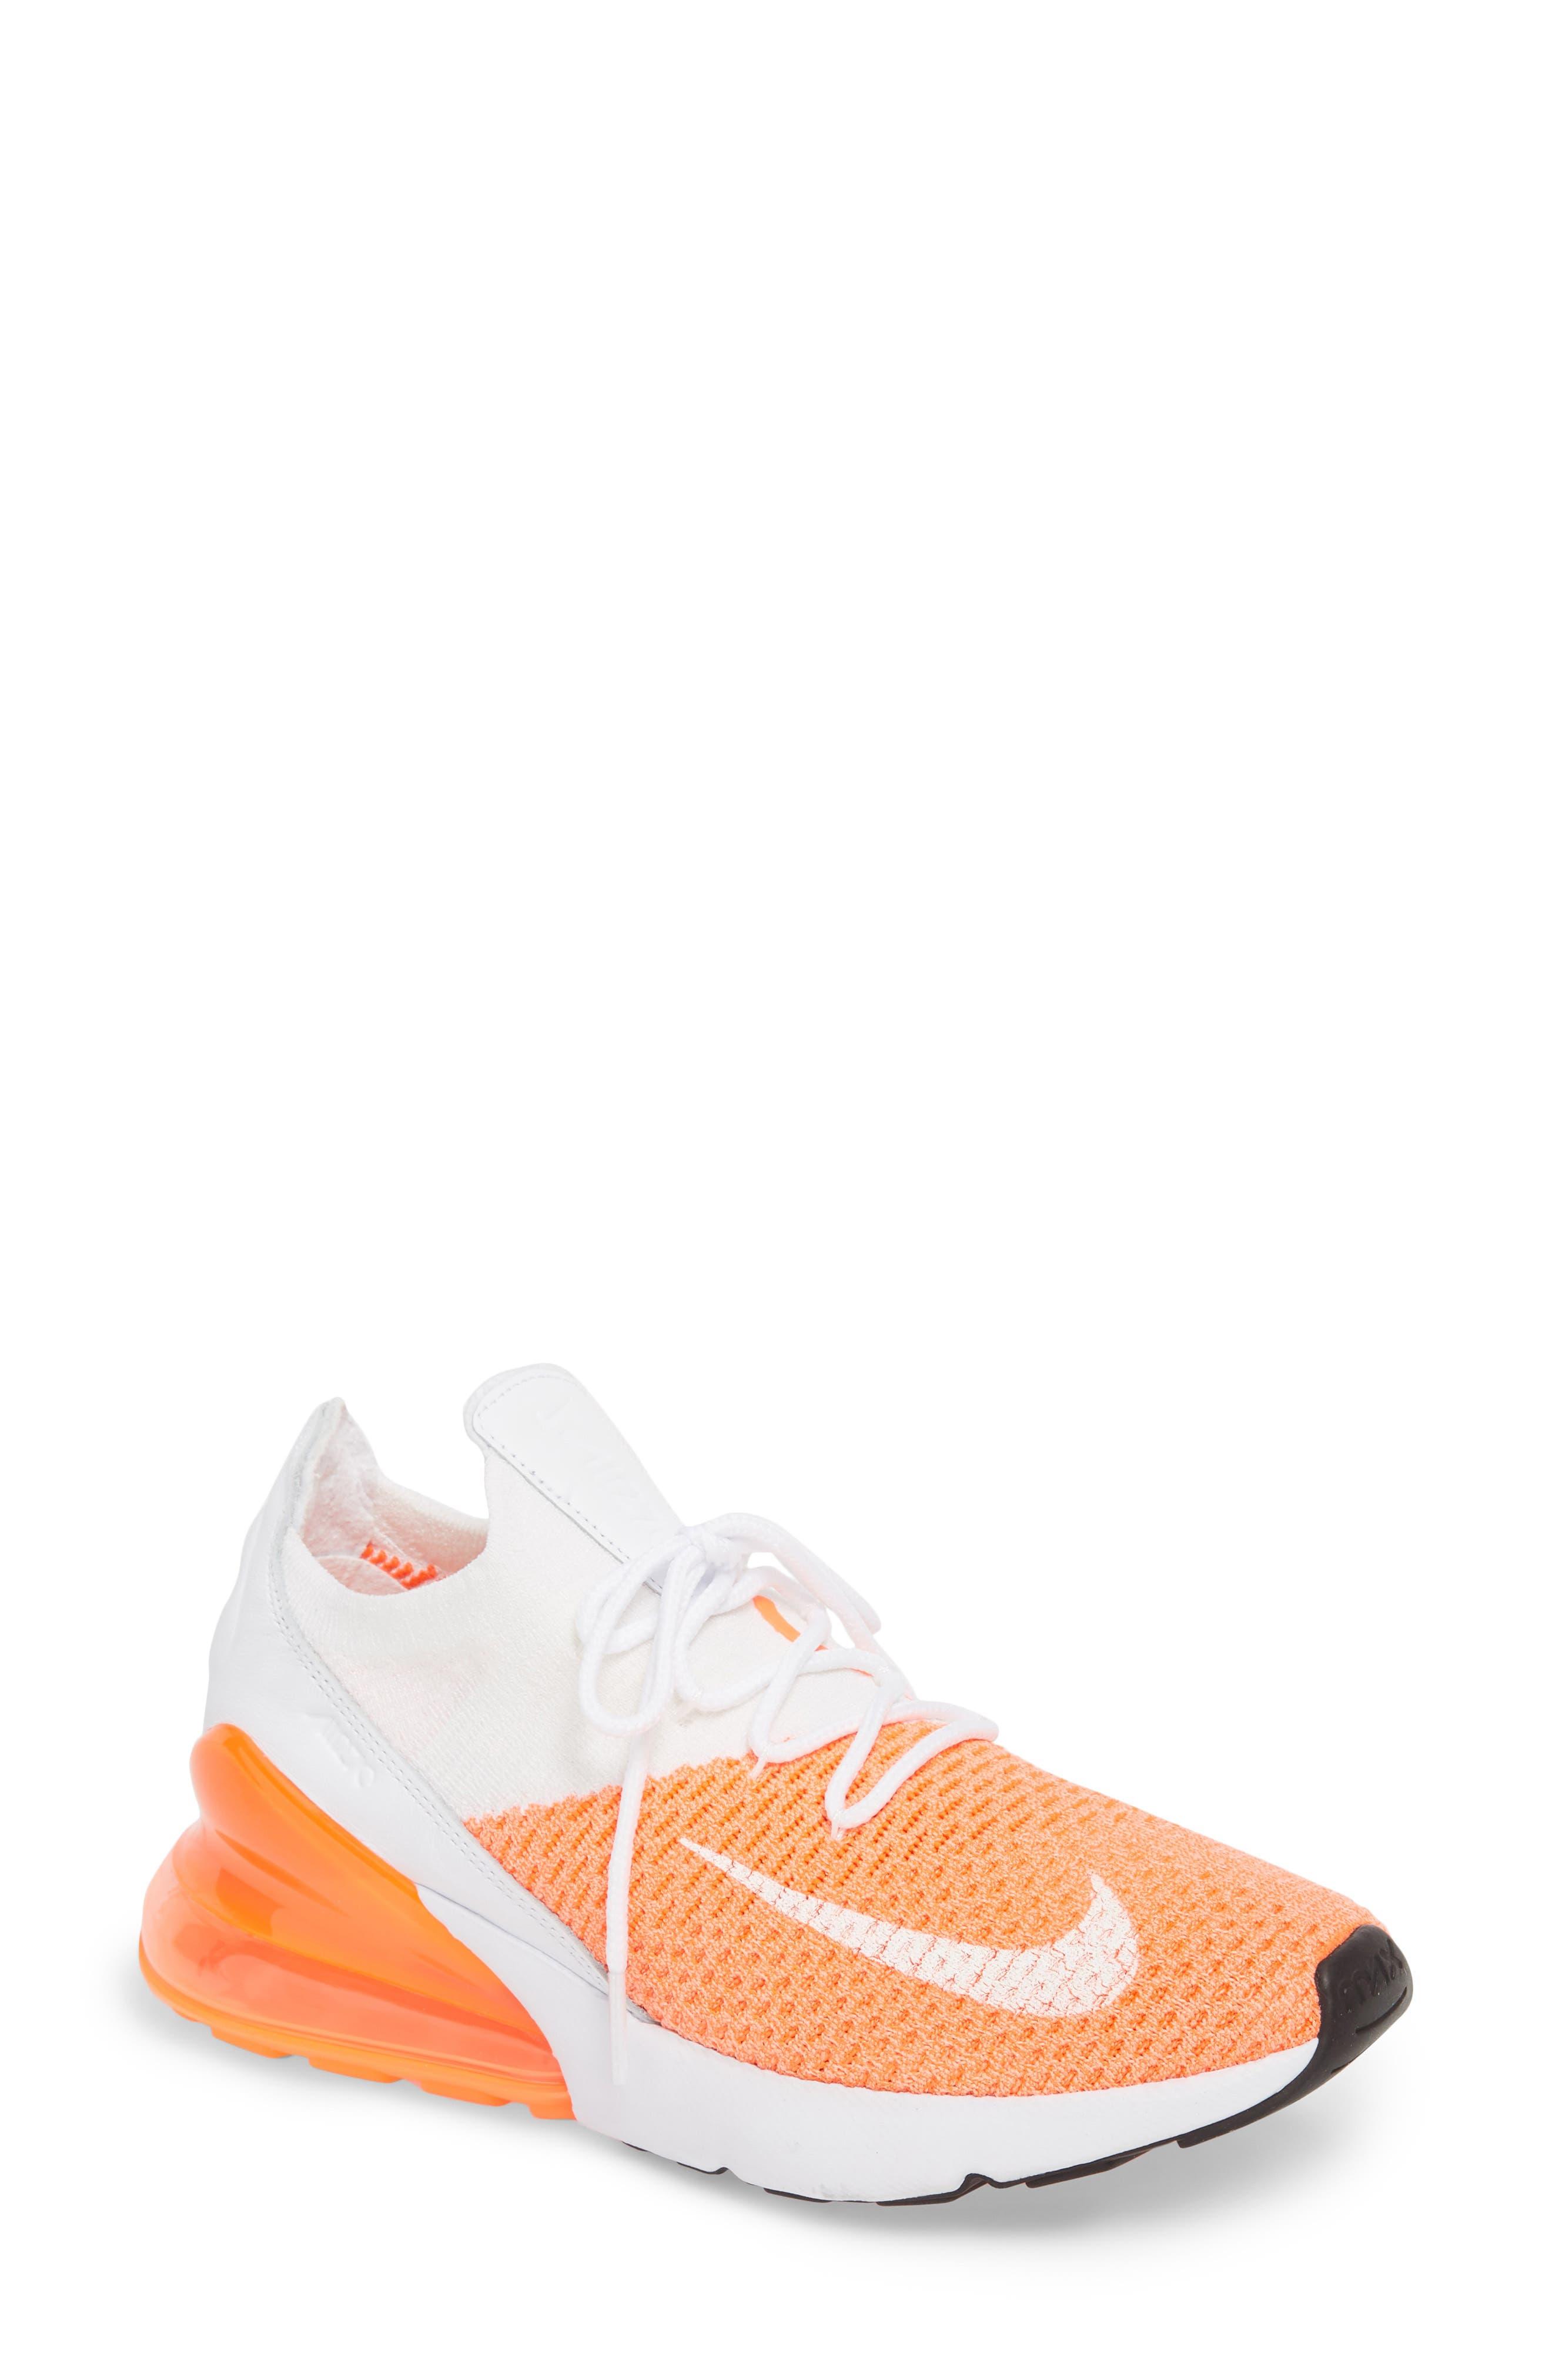 Air Max 270 Flyknit Sneaker,                             Main thumbnail 9, color,